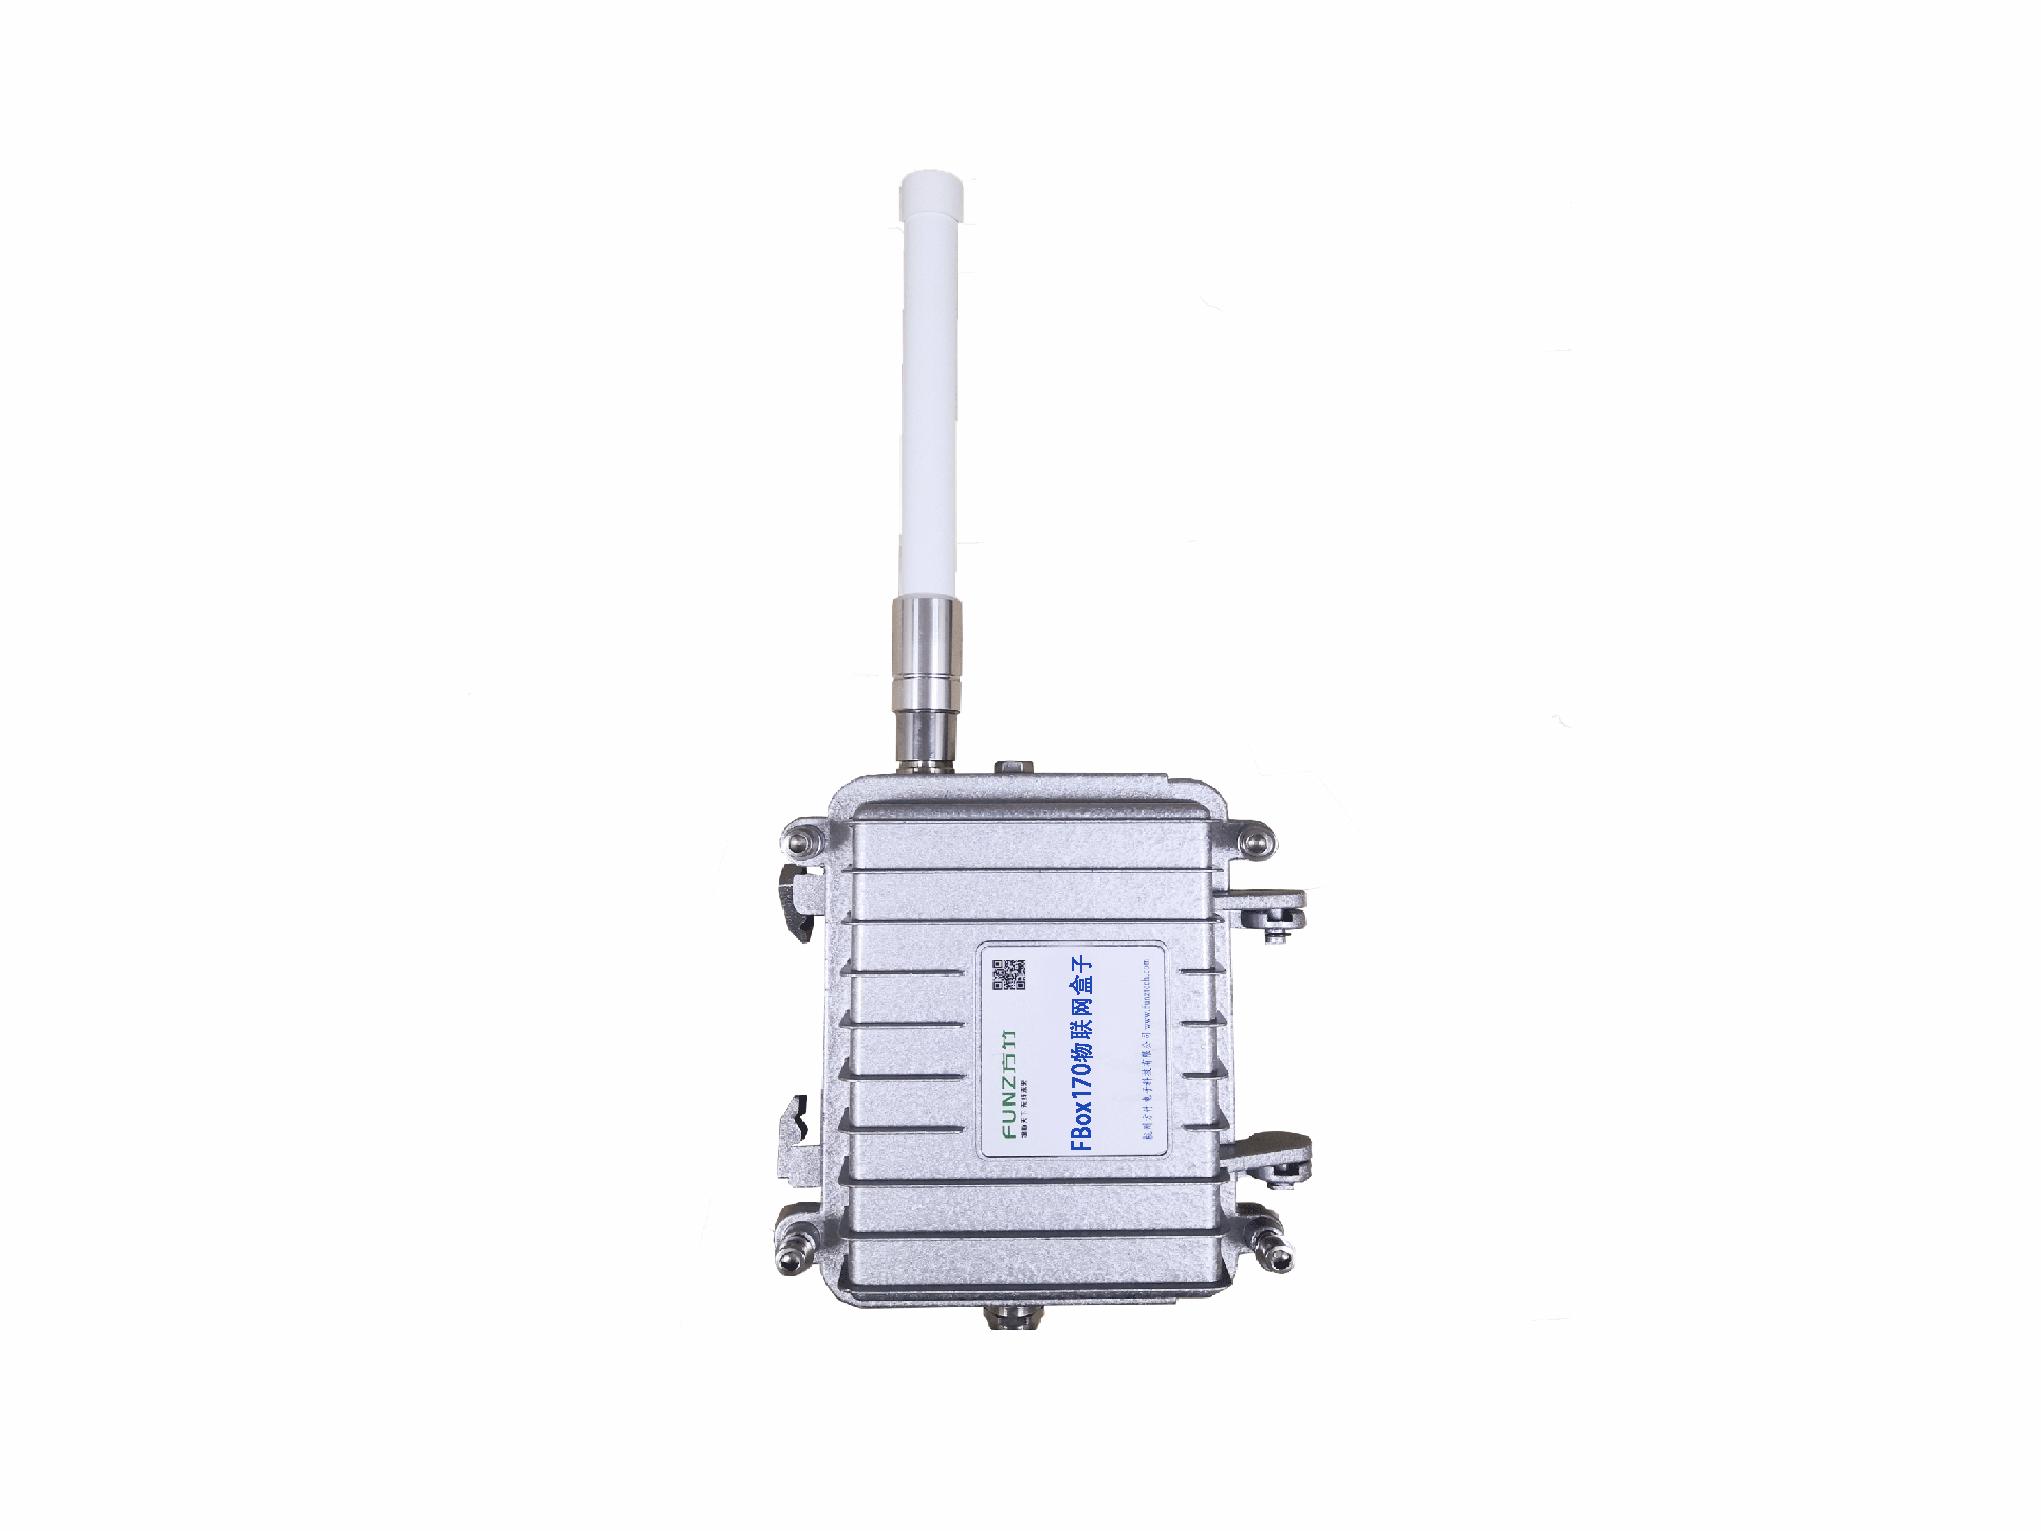 方竹FBox170无线水表采集终端